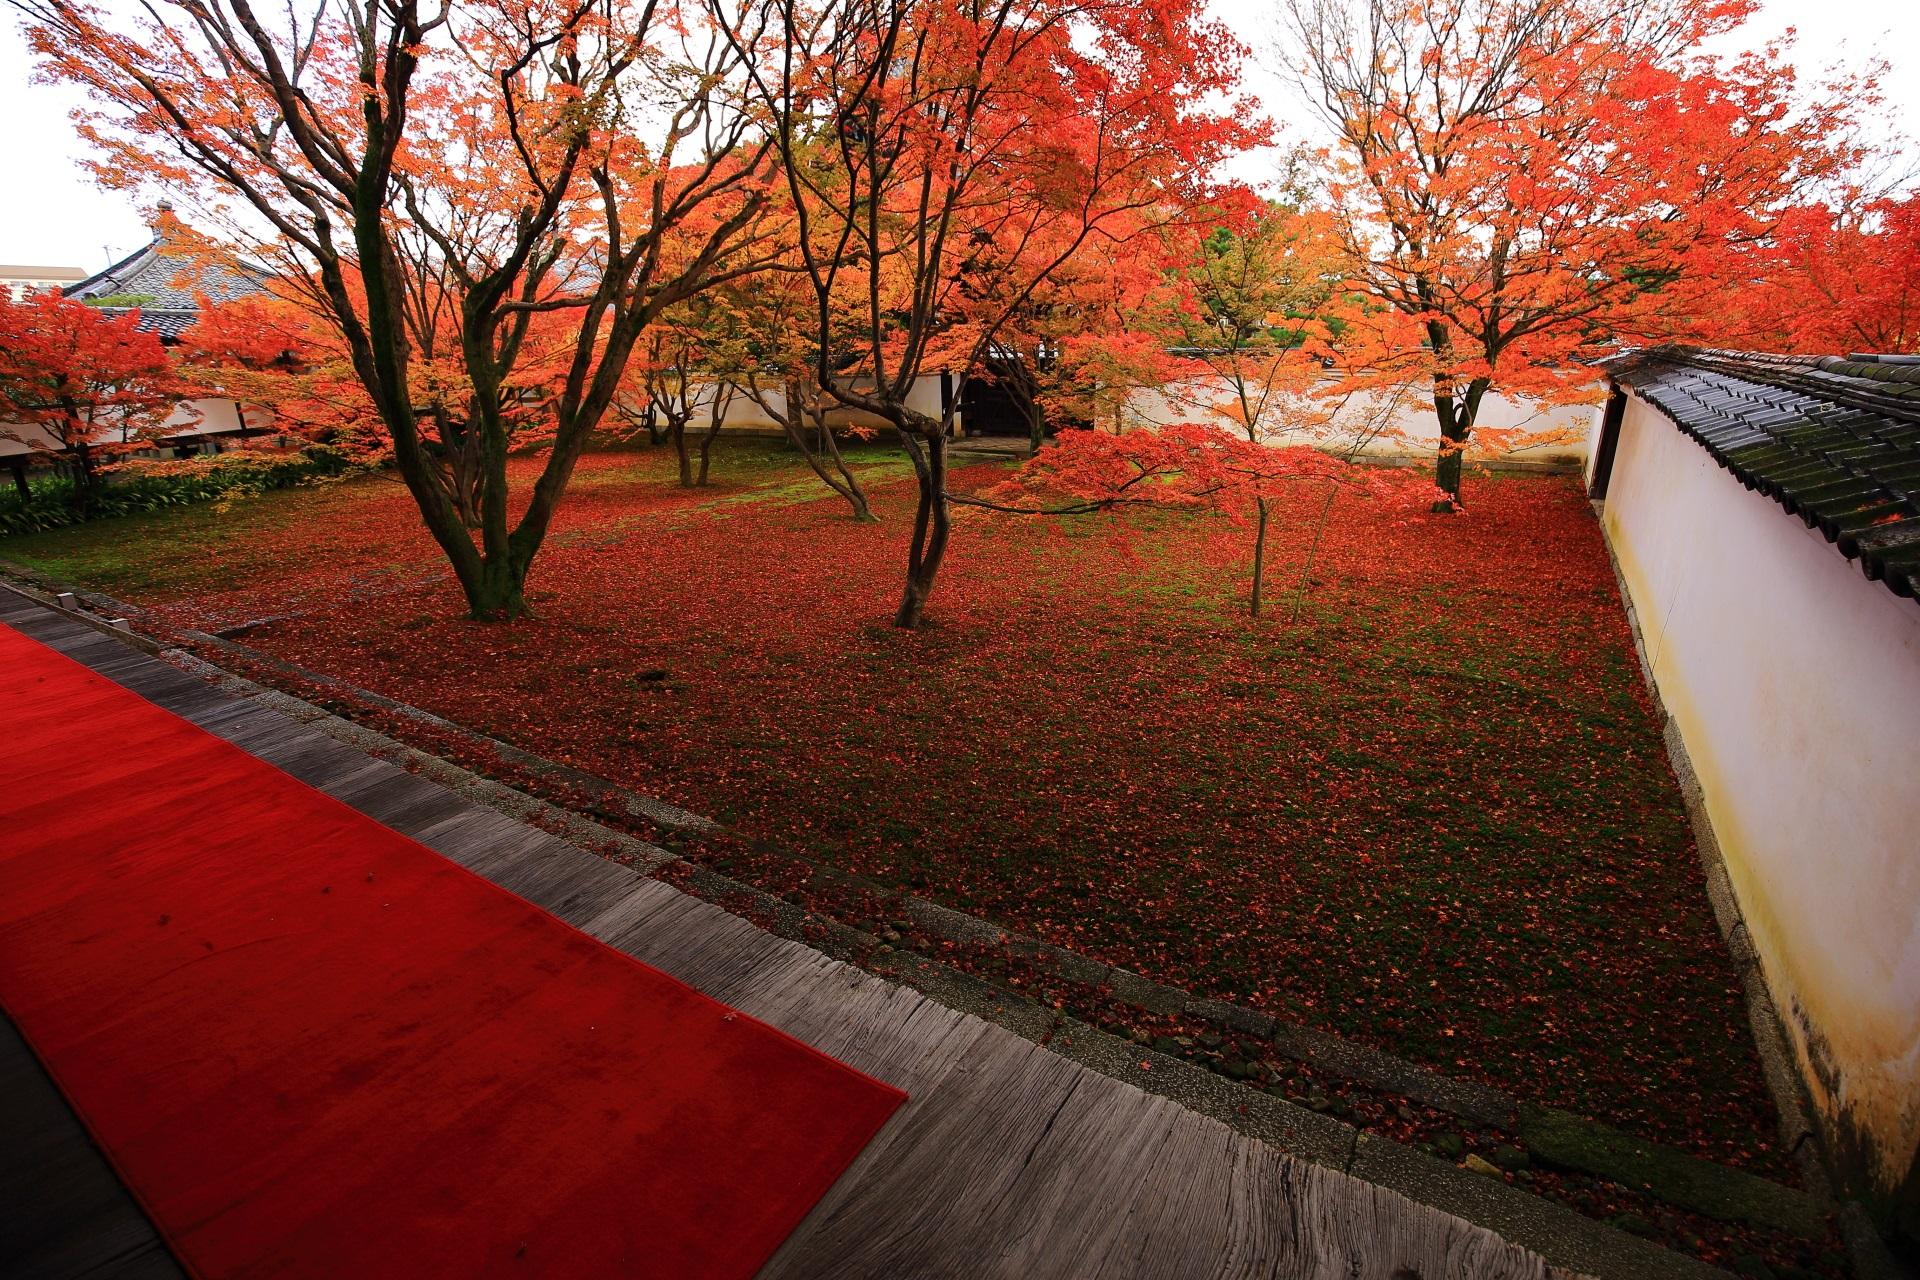 妙覚寺 紅葉 秋色につつまれる街中の隠れた庭園